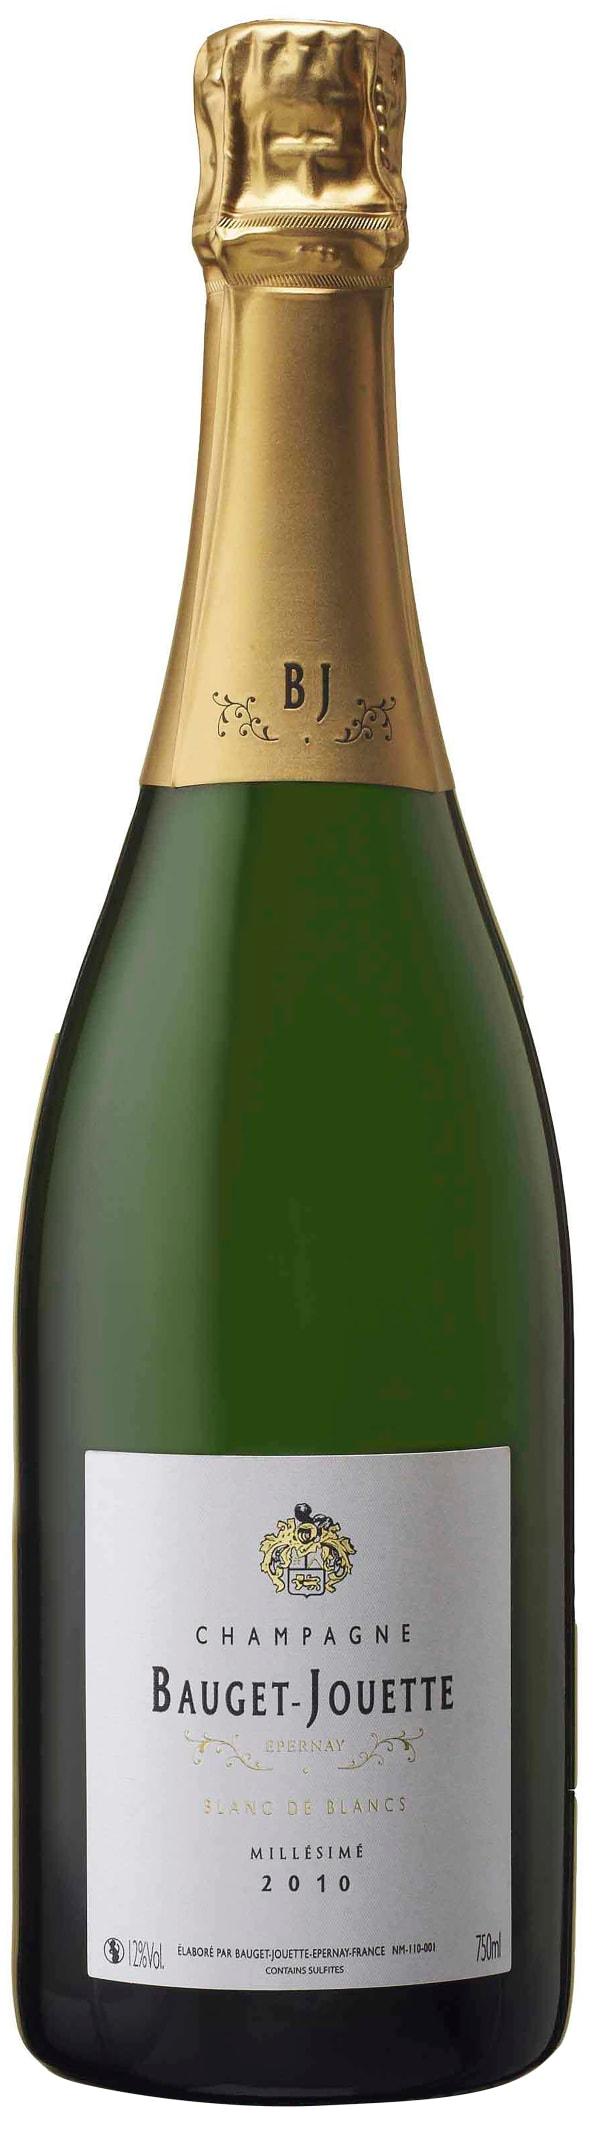 Bauget-Jouette Blanc de Blancs Millésimé Champagne 2010